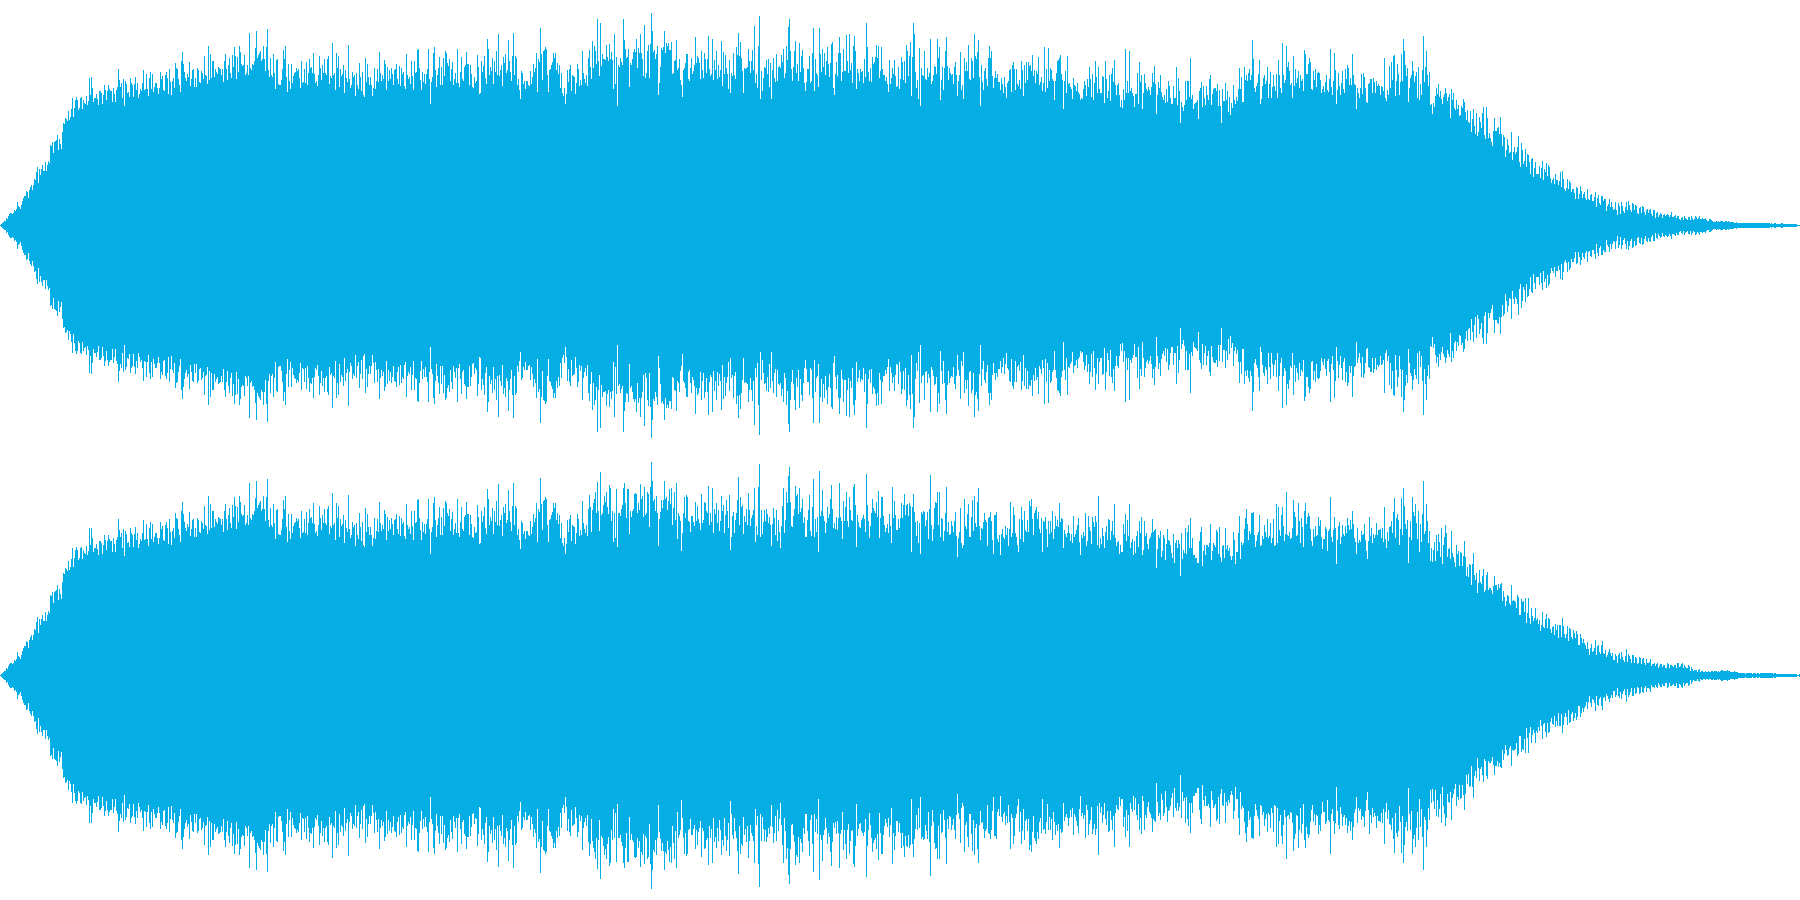 手から気弾発射の再生済みの波形